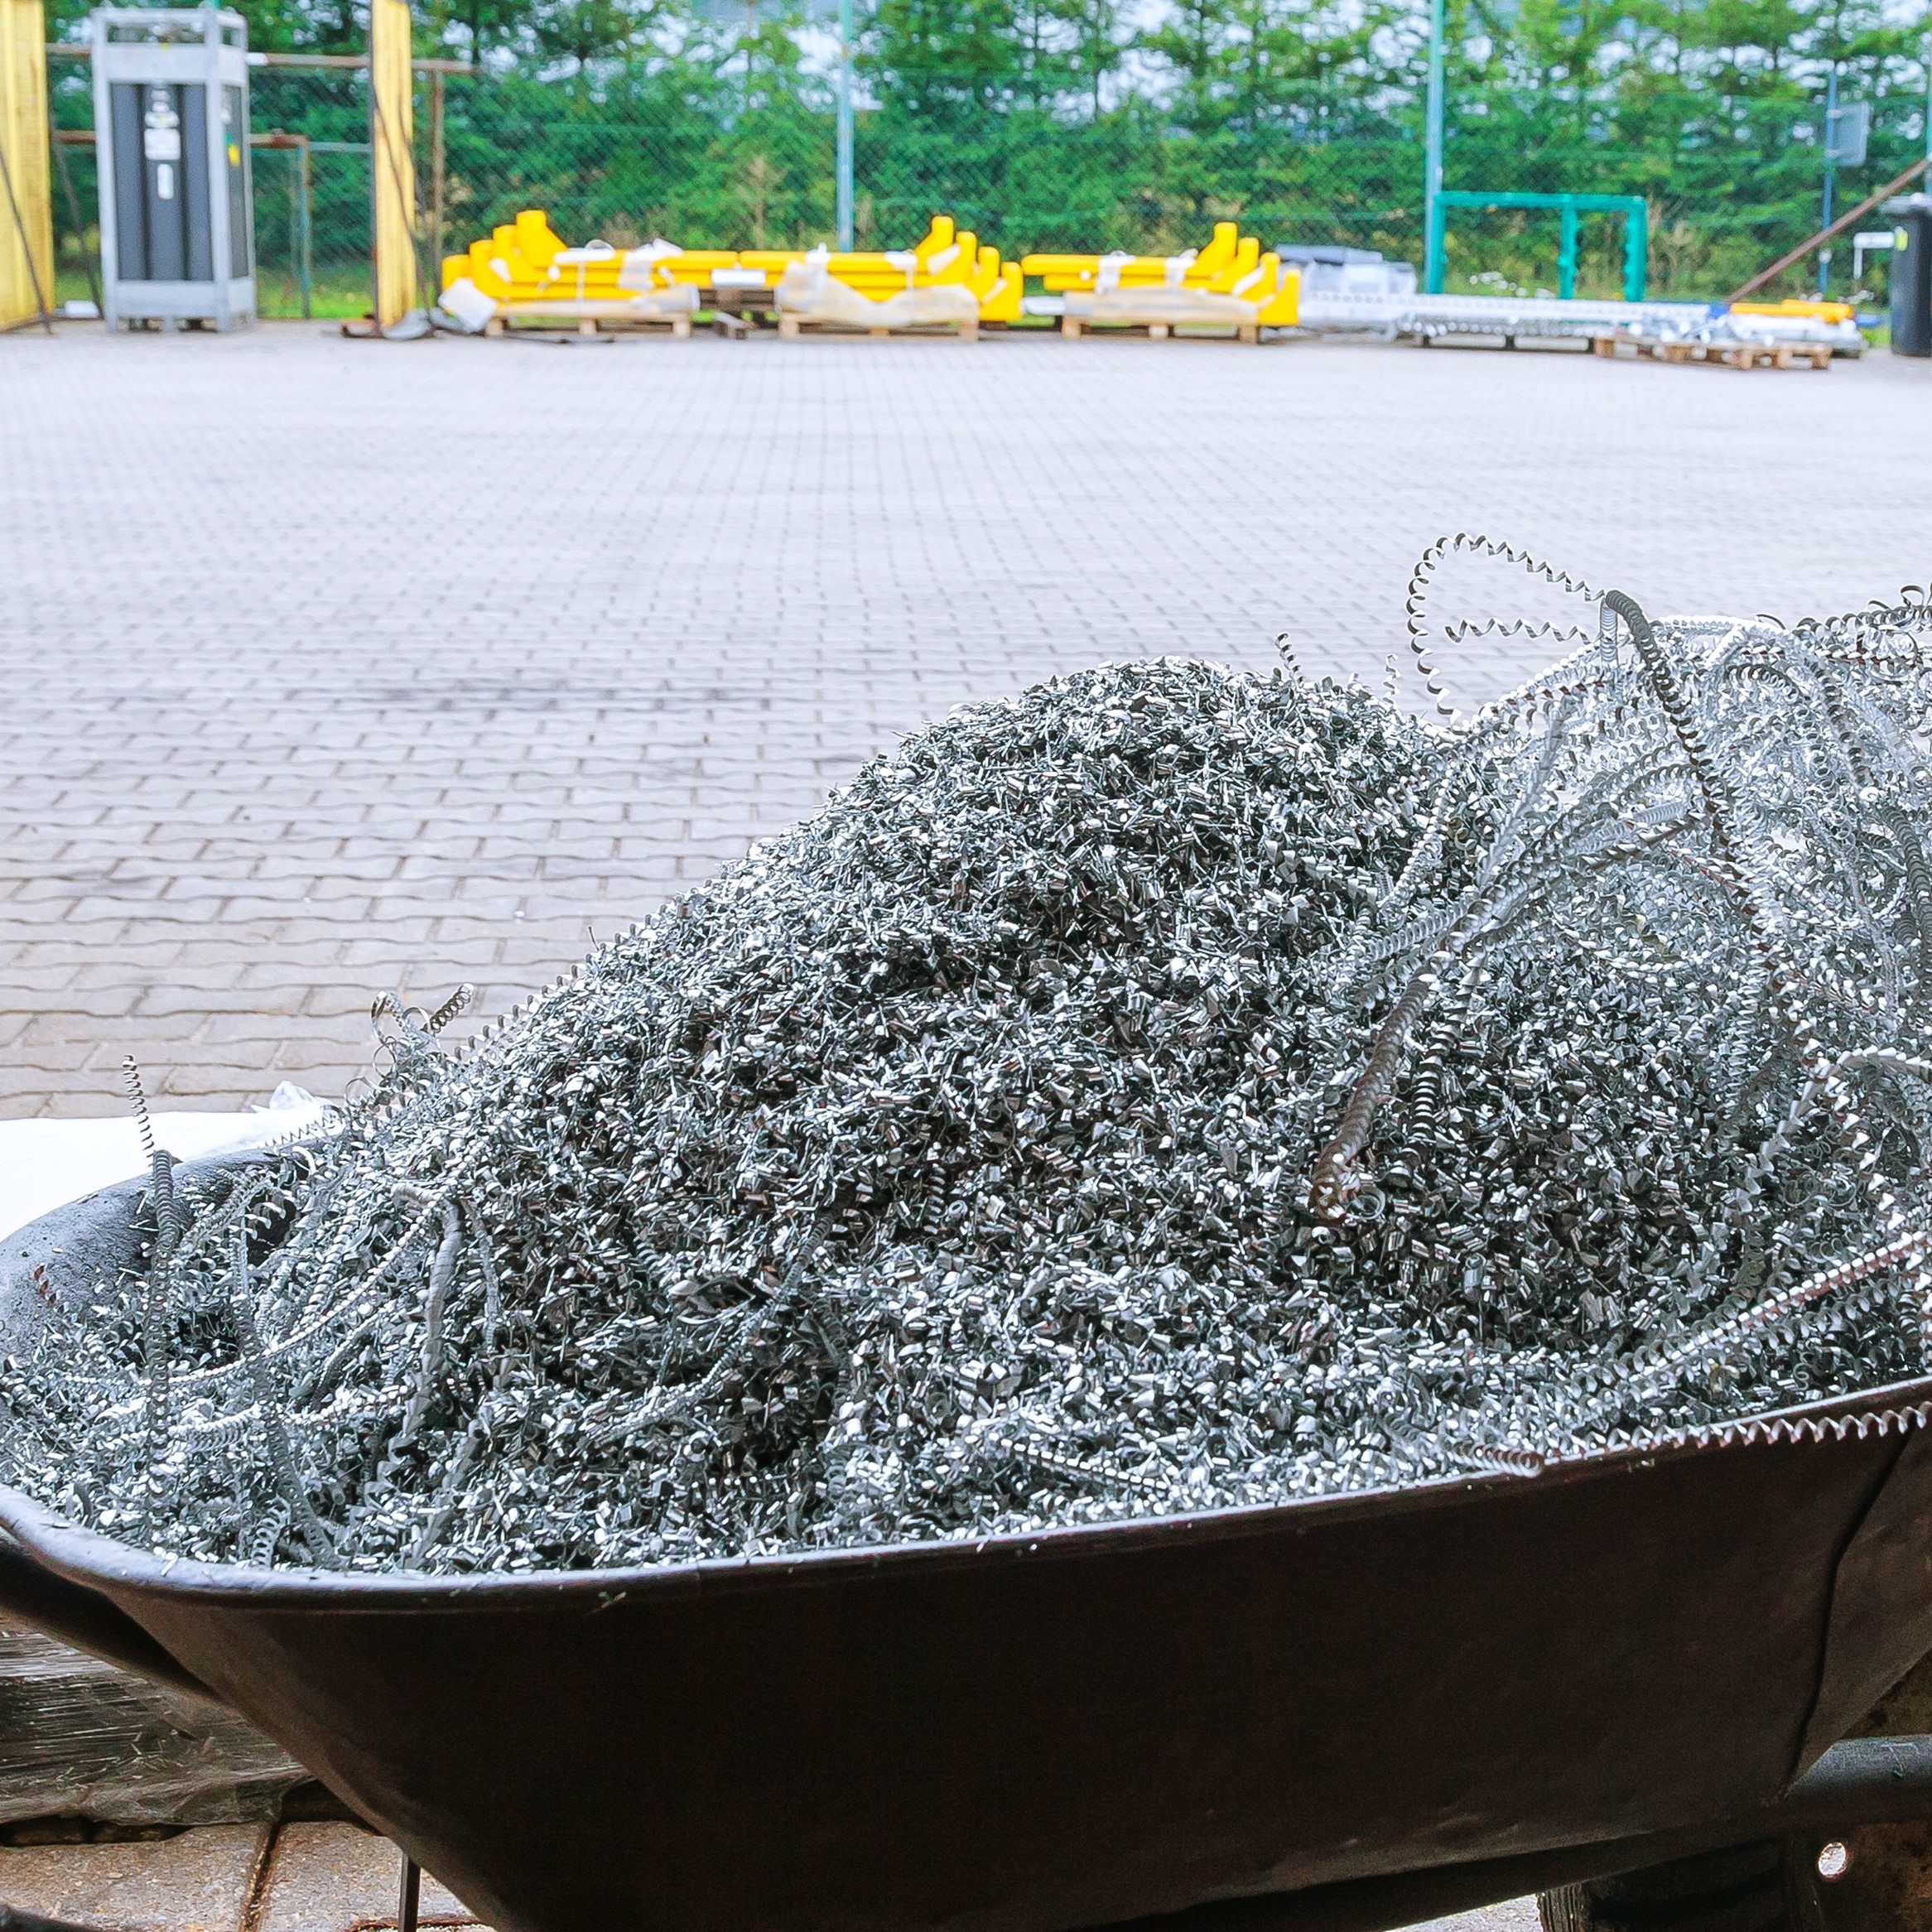 Vađenje prilikom sečenja aluminijuma